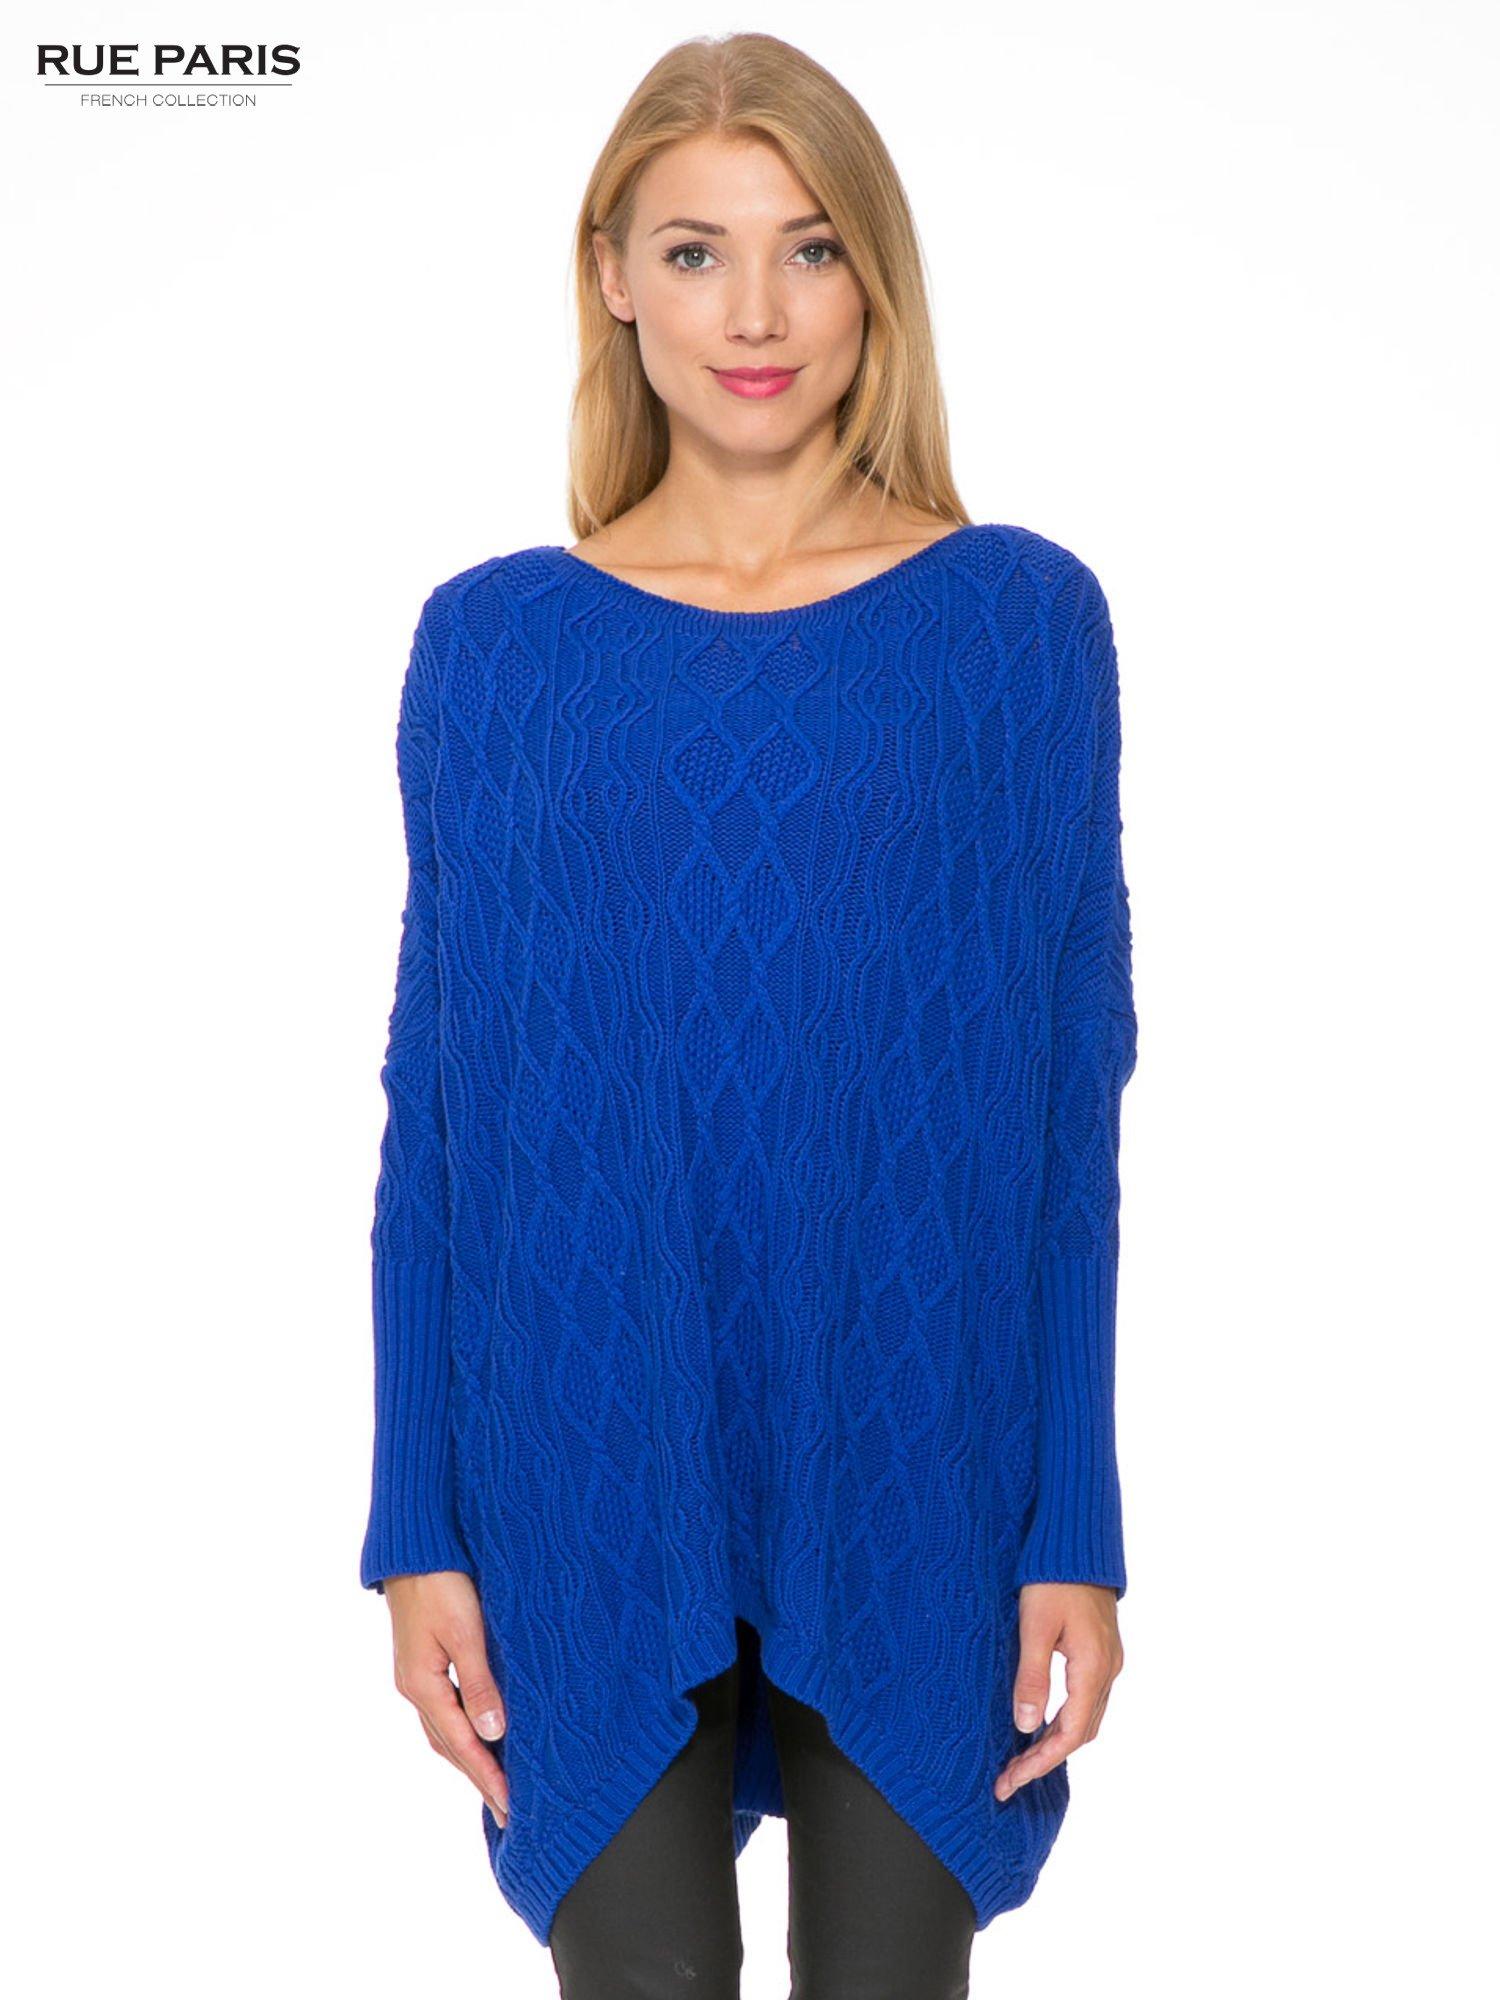 Niebieski dziergany długi sweter o kroju oversize                                  zdj.                                  1